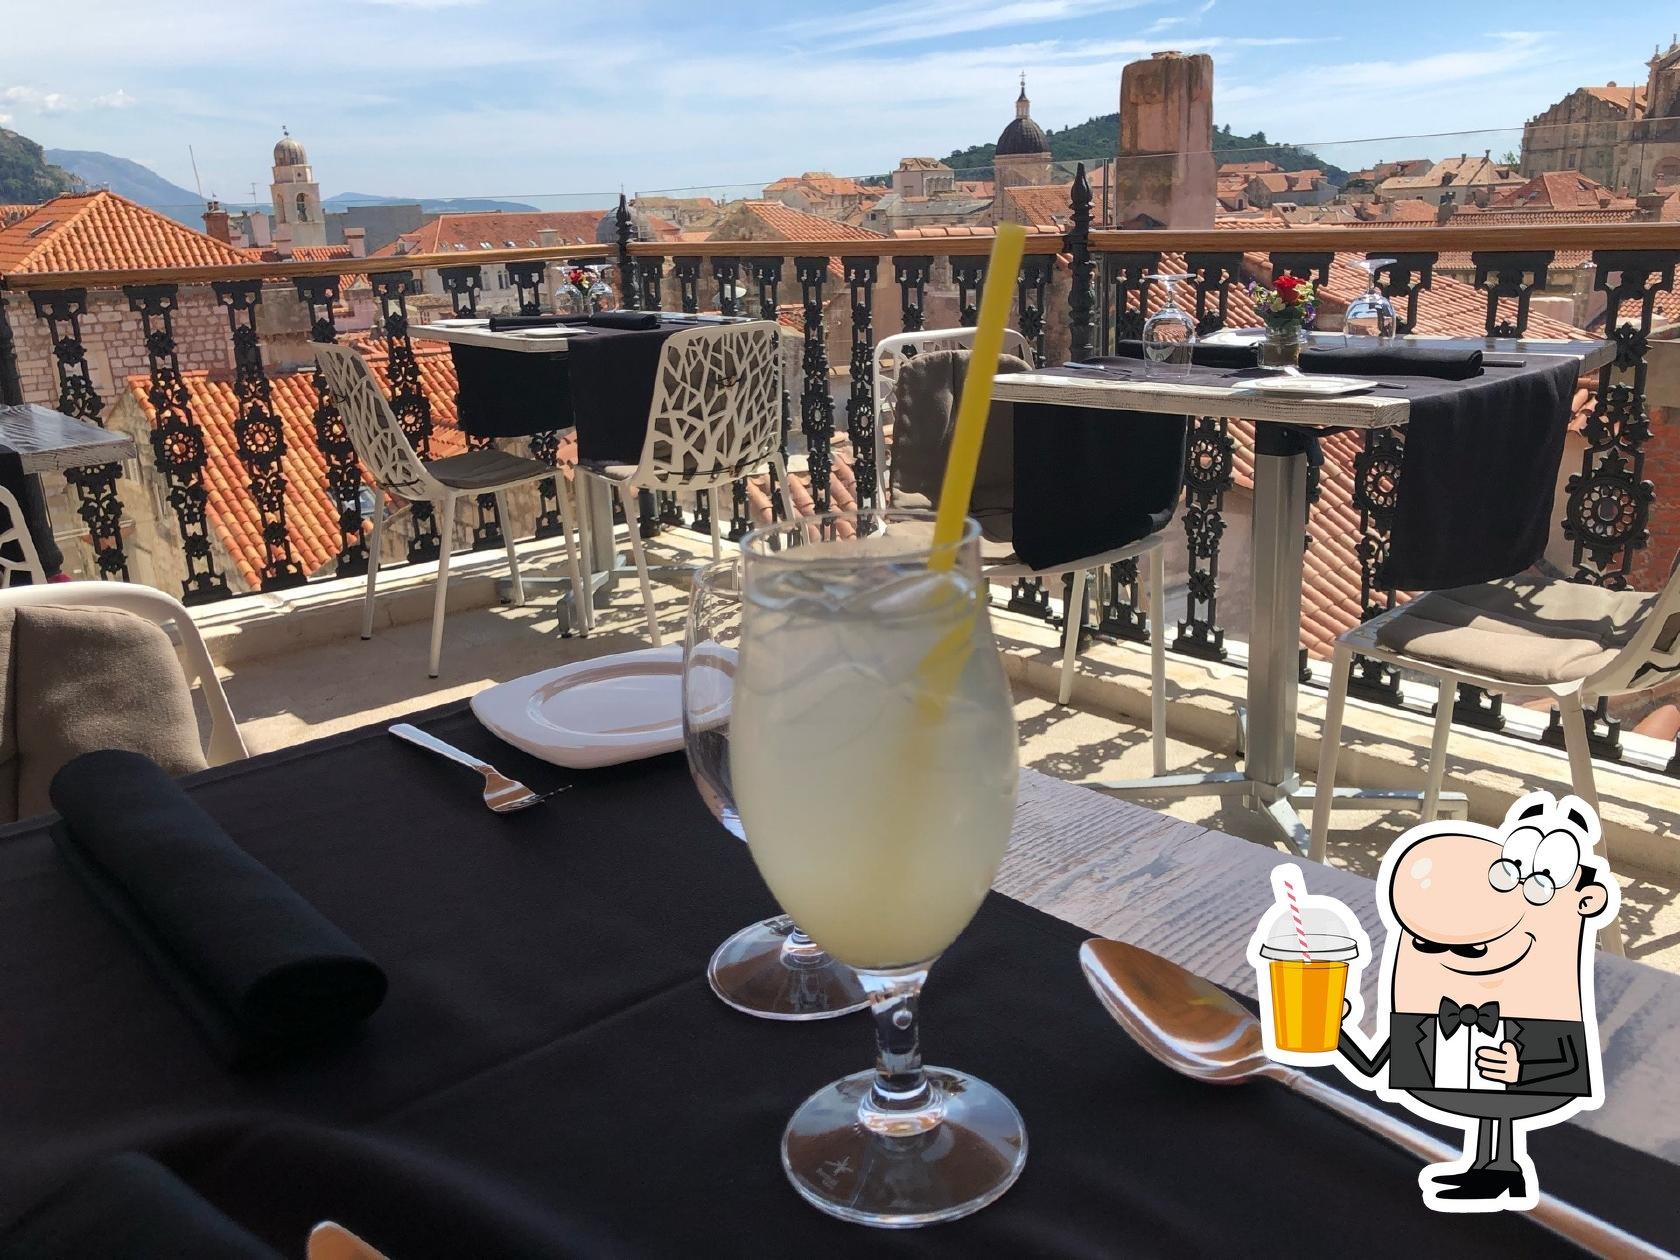 Prova i tanti drink disponibili dal ristorante Stara Loza